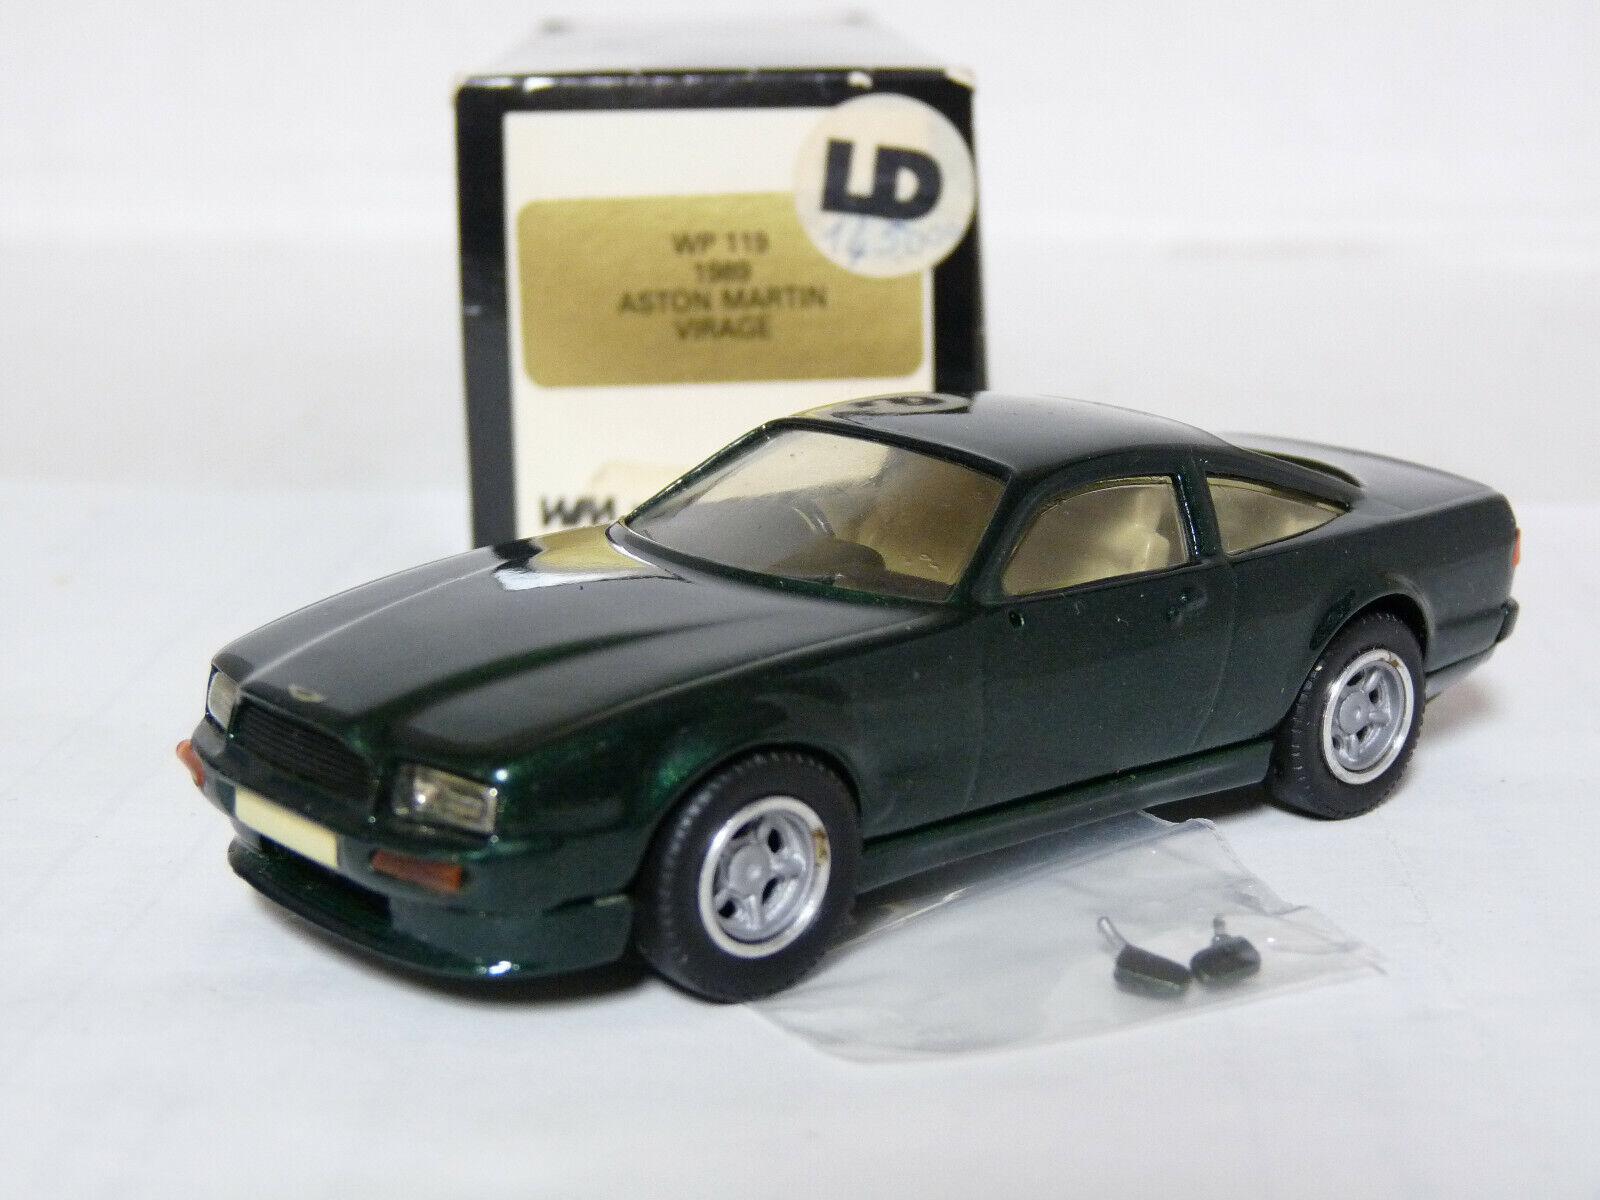 orden ahora con gran descuento y entrega gratuita Western WP119 Aston Martin Virage Hecho Hecho Hecho a Mano 1 43 1989 Coche Modelo de Metal blancoo  nuevo estilo